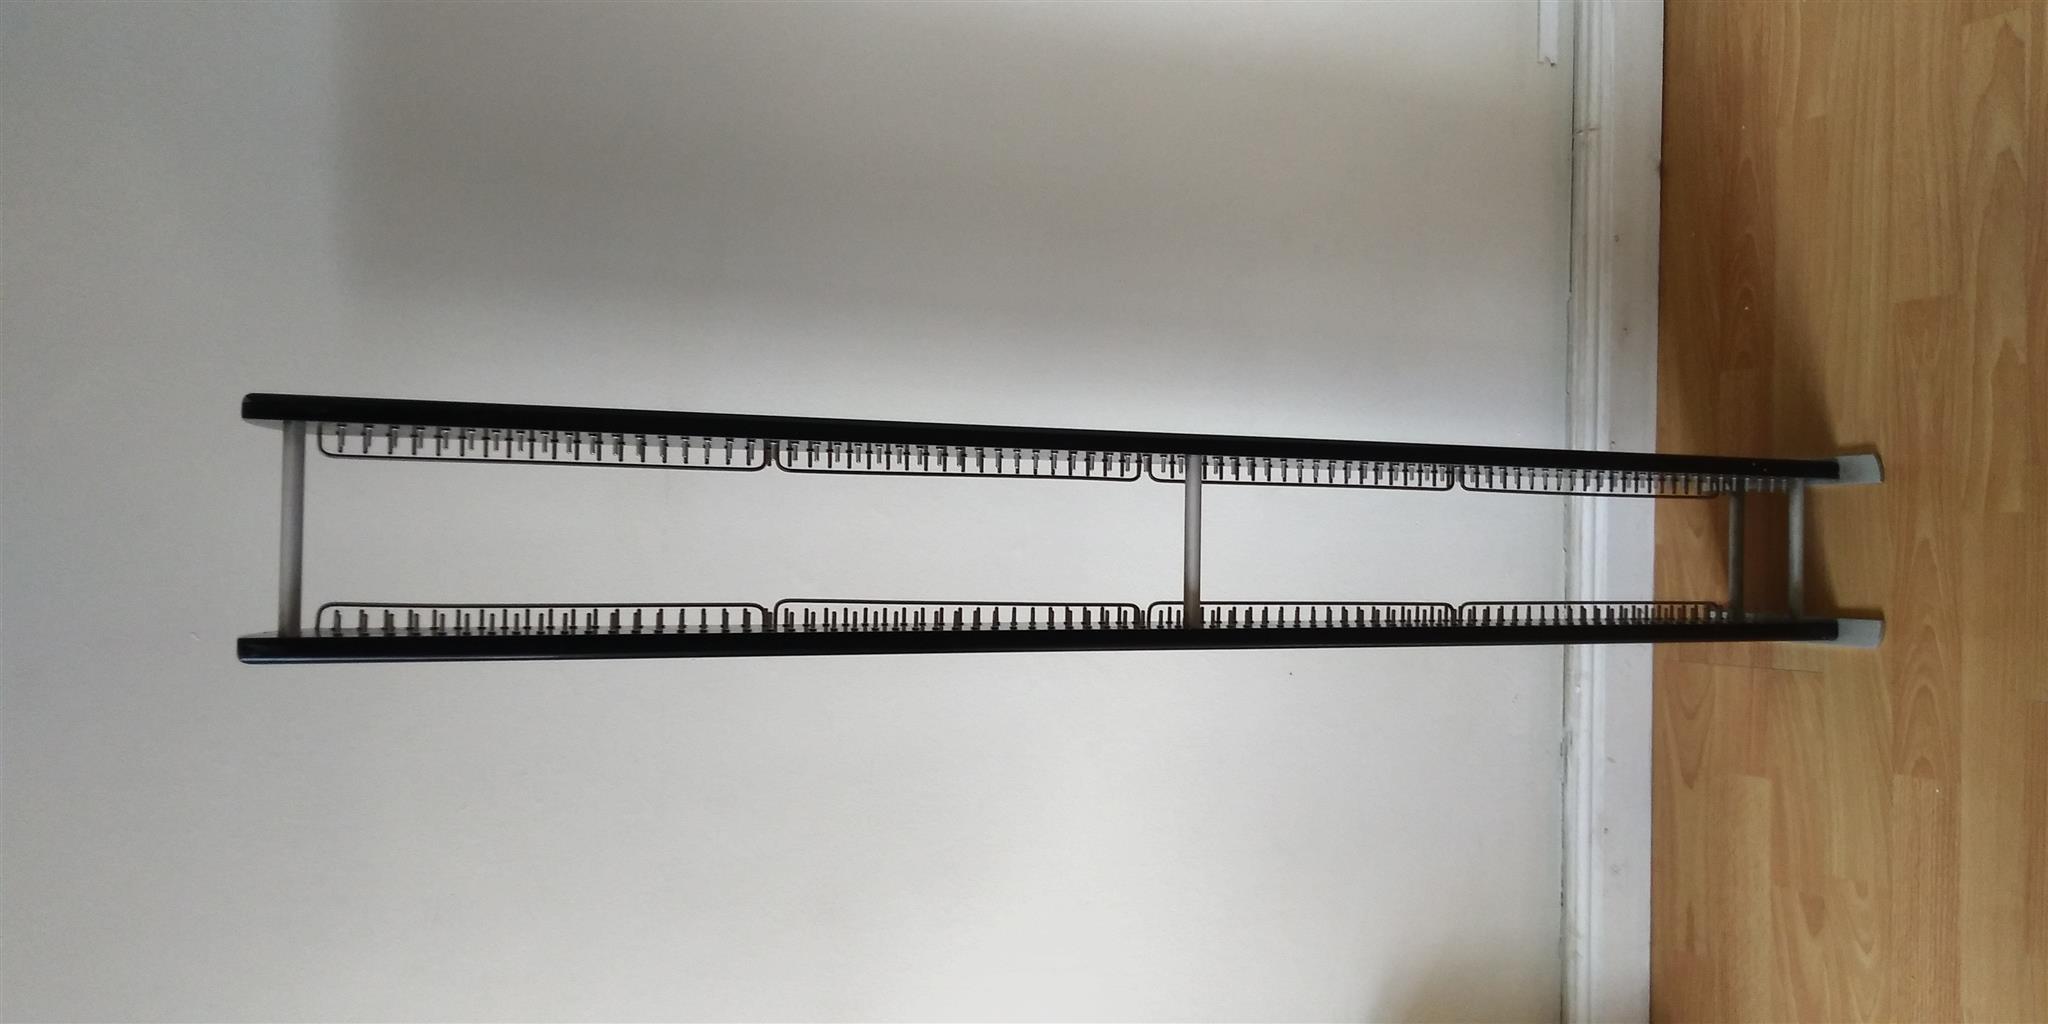 CD tower / CD rack (holds 80 CDs)